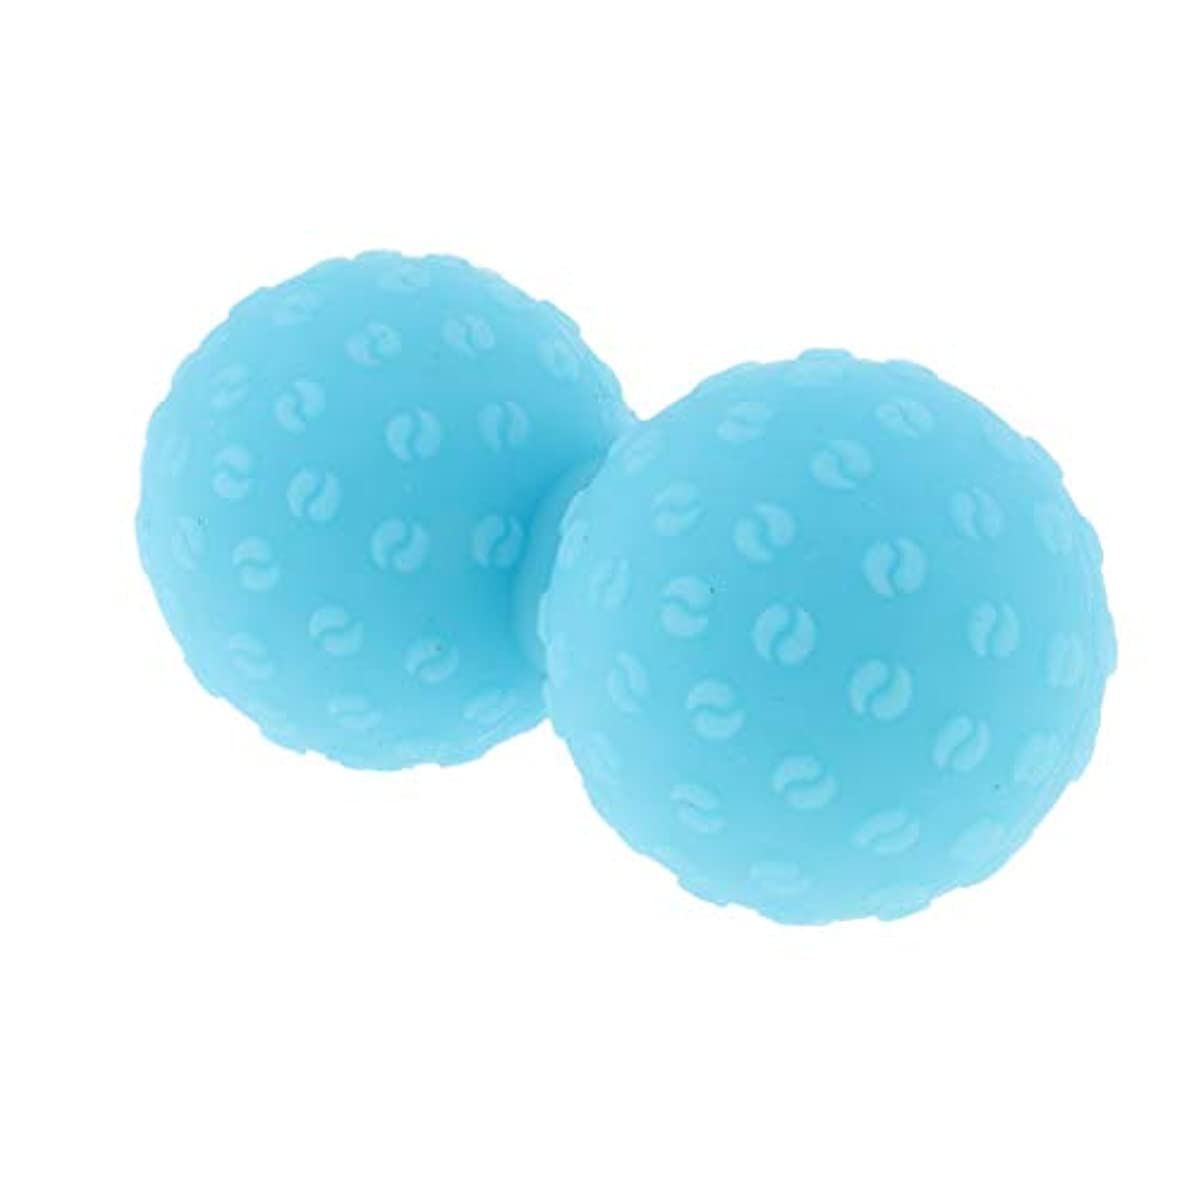 幼児交通論理的にシリコンマッサージボール 指圧ボール ピーナッツ トリガーポイント ツボ押しグッズ ヨガ 全6色 - 青, 説明のとおり